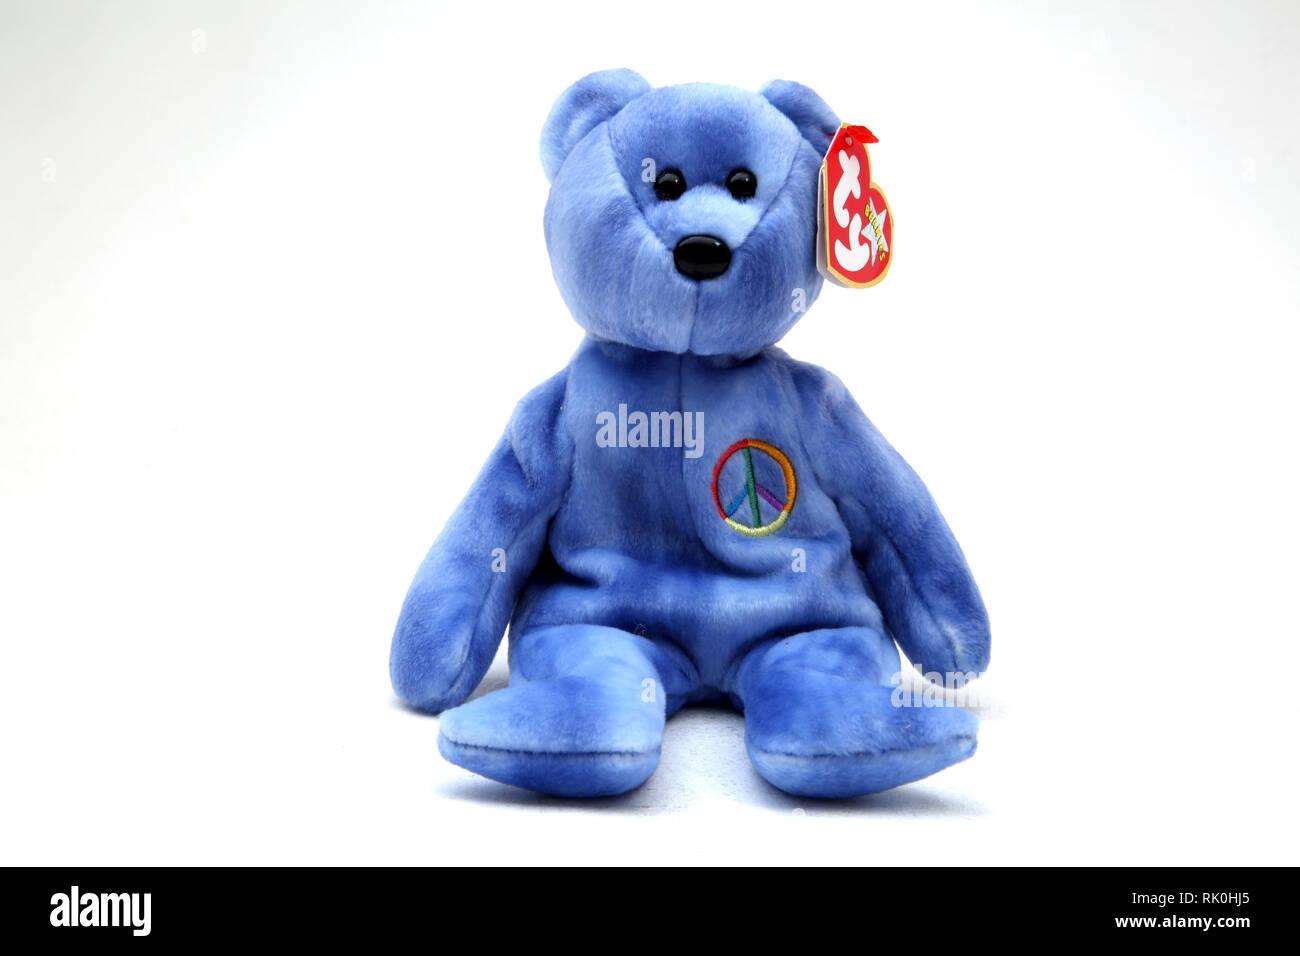 TY Beanie baby orso blu con CND simbolo sul petto Immagini Stock